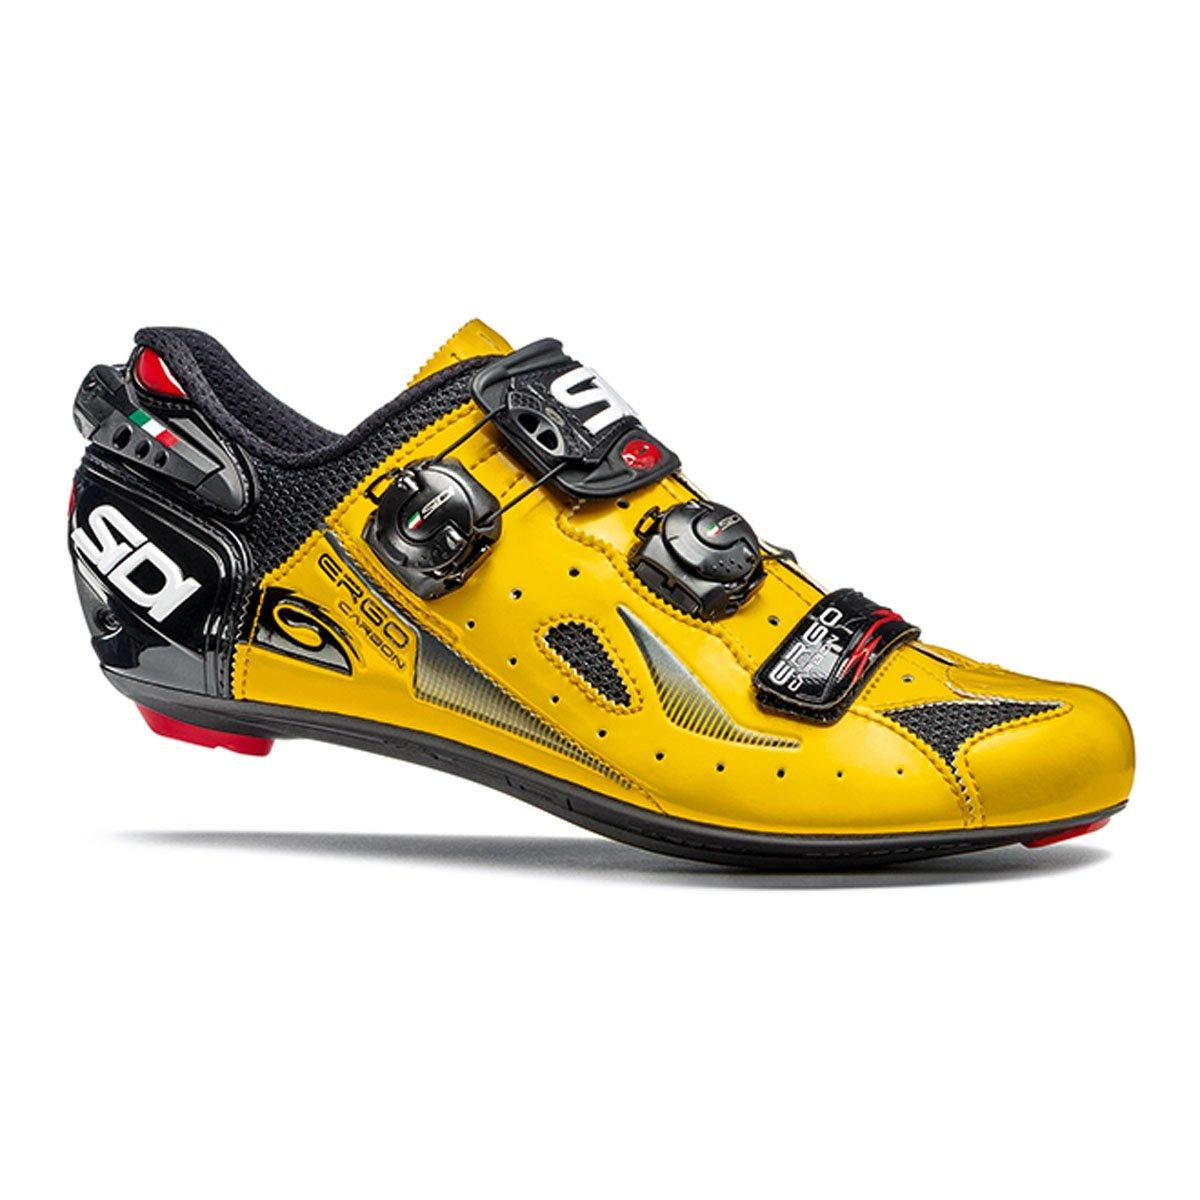 Sidi Ergo 4 Carbon Cycling Shoe - Men's B019OMCOYY 42 M EU Yellow/Black